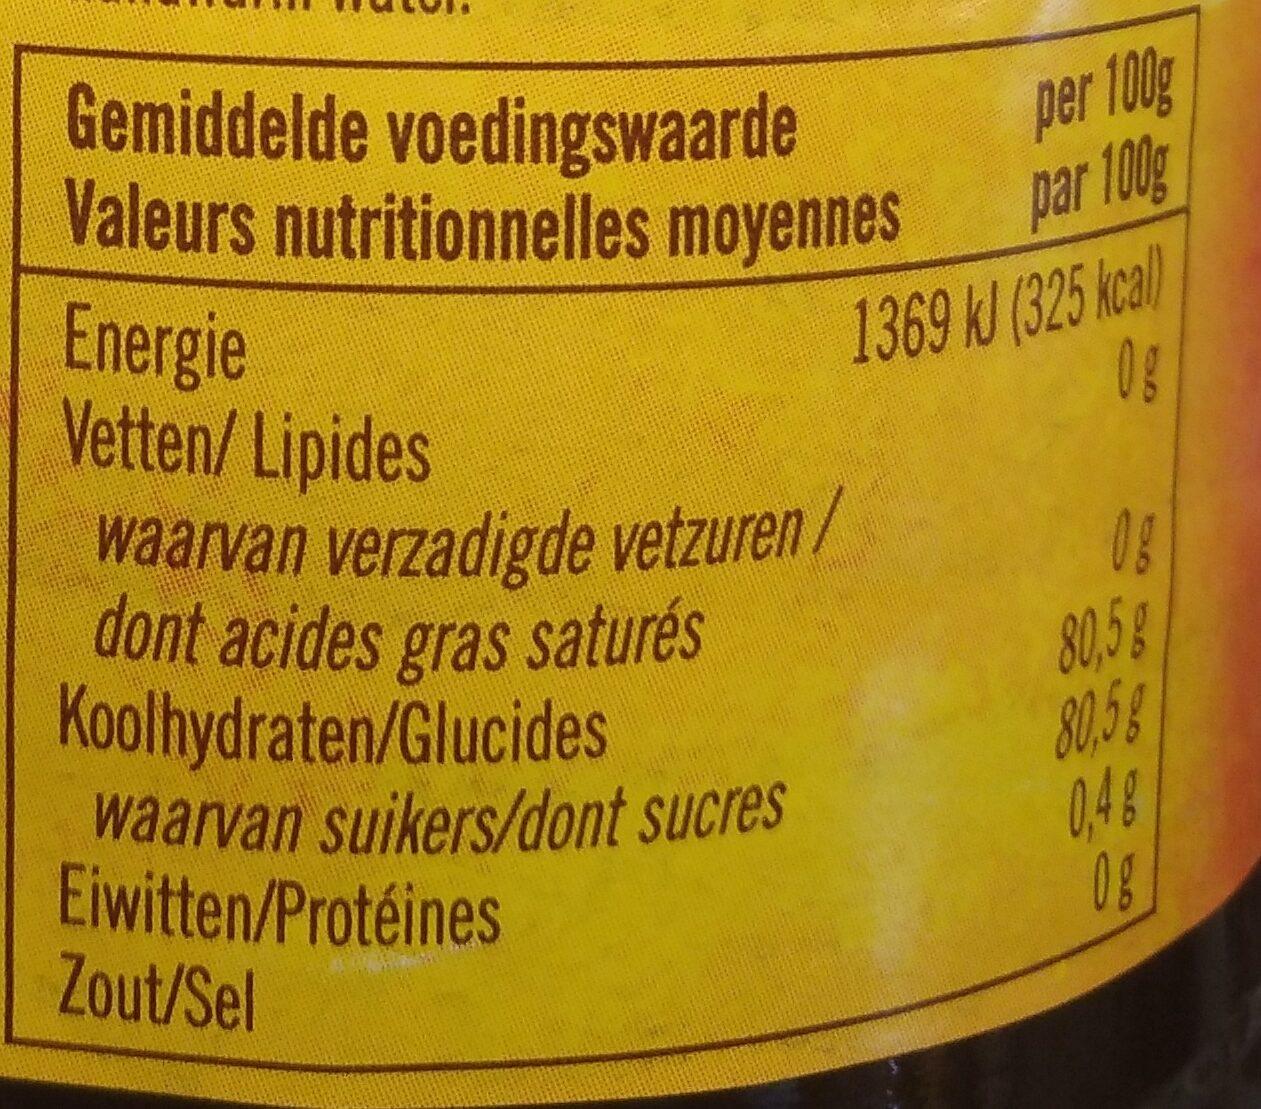 Biologische woudhoning - Voedingswaarden - nl